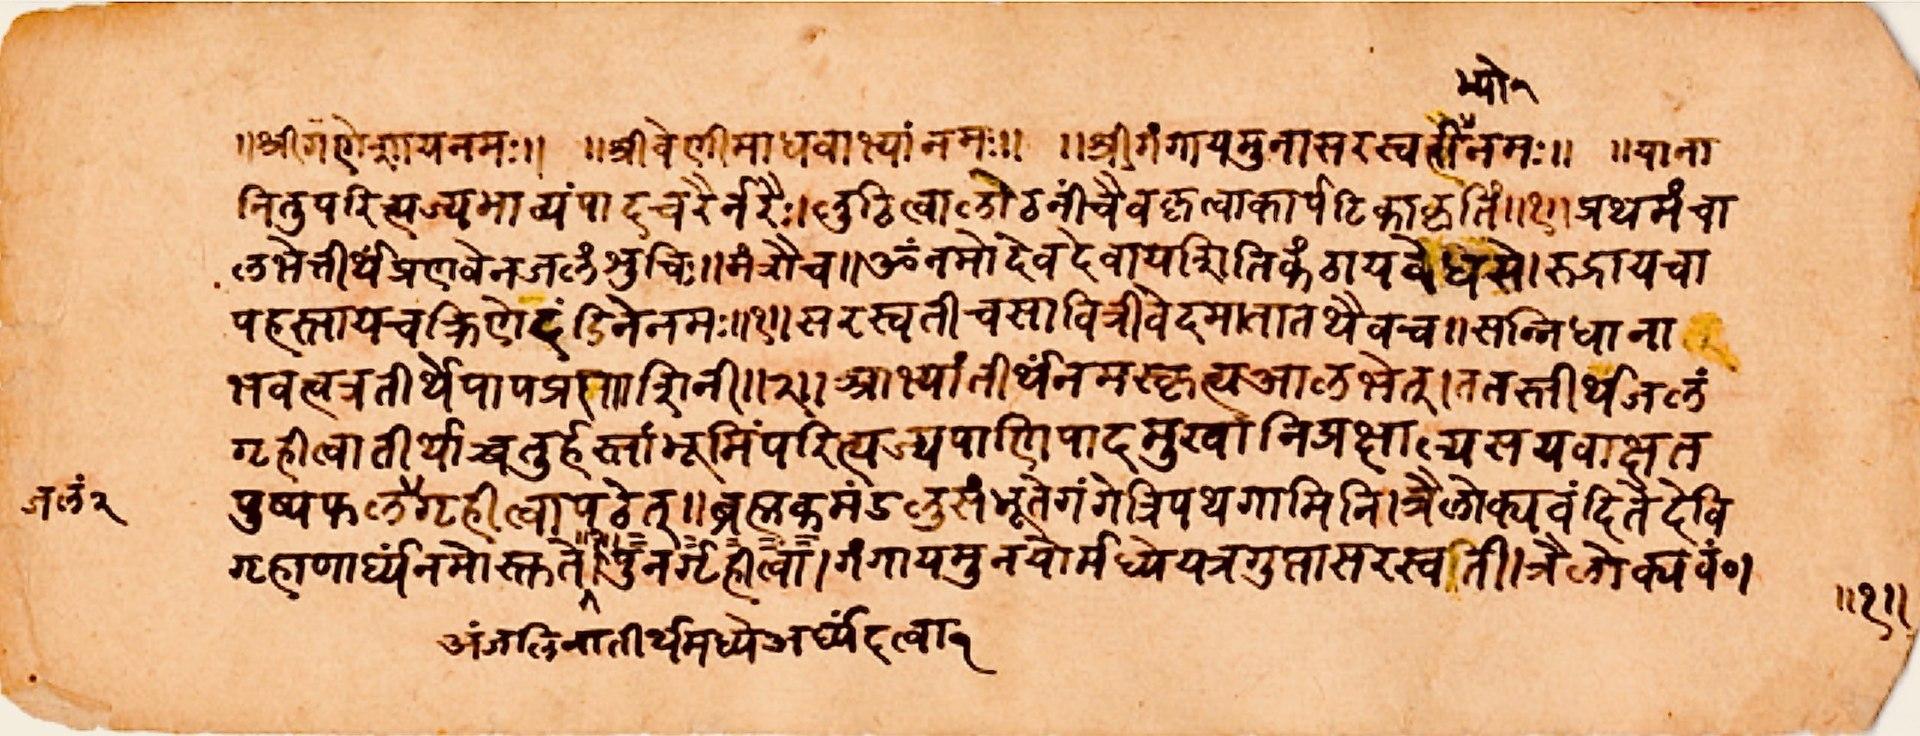 1674 CE Prayag Snana Vidhi, Puranas manuscript, Sanskrit, Devanagari sample i.jpg